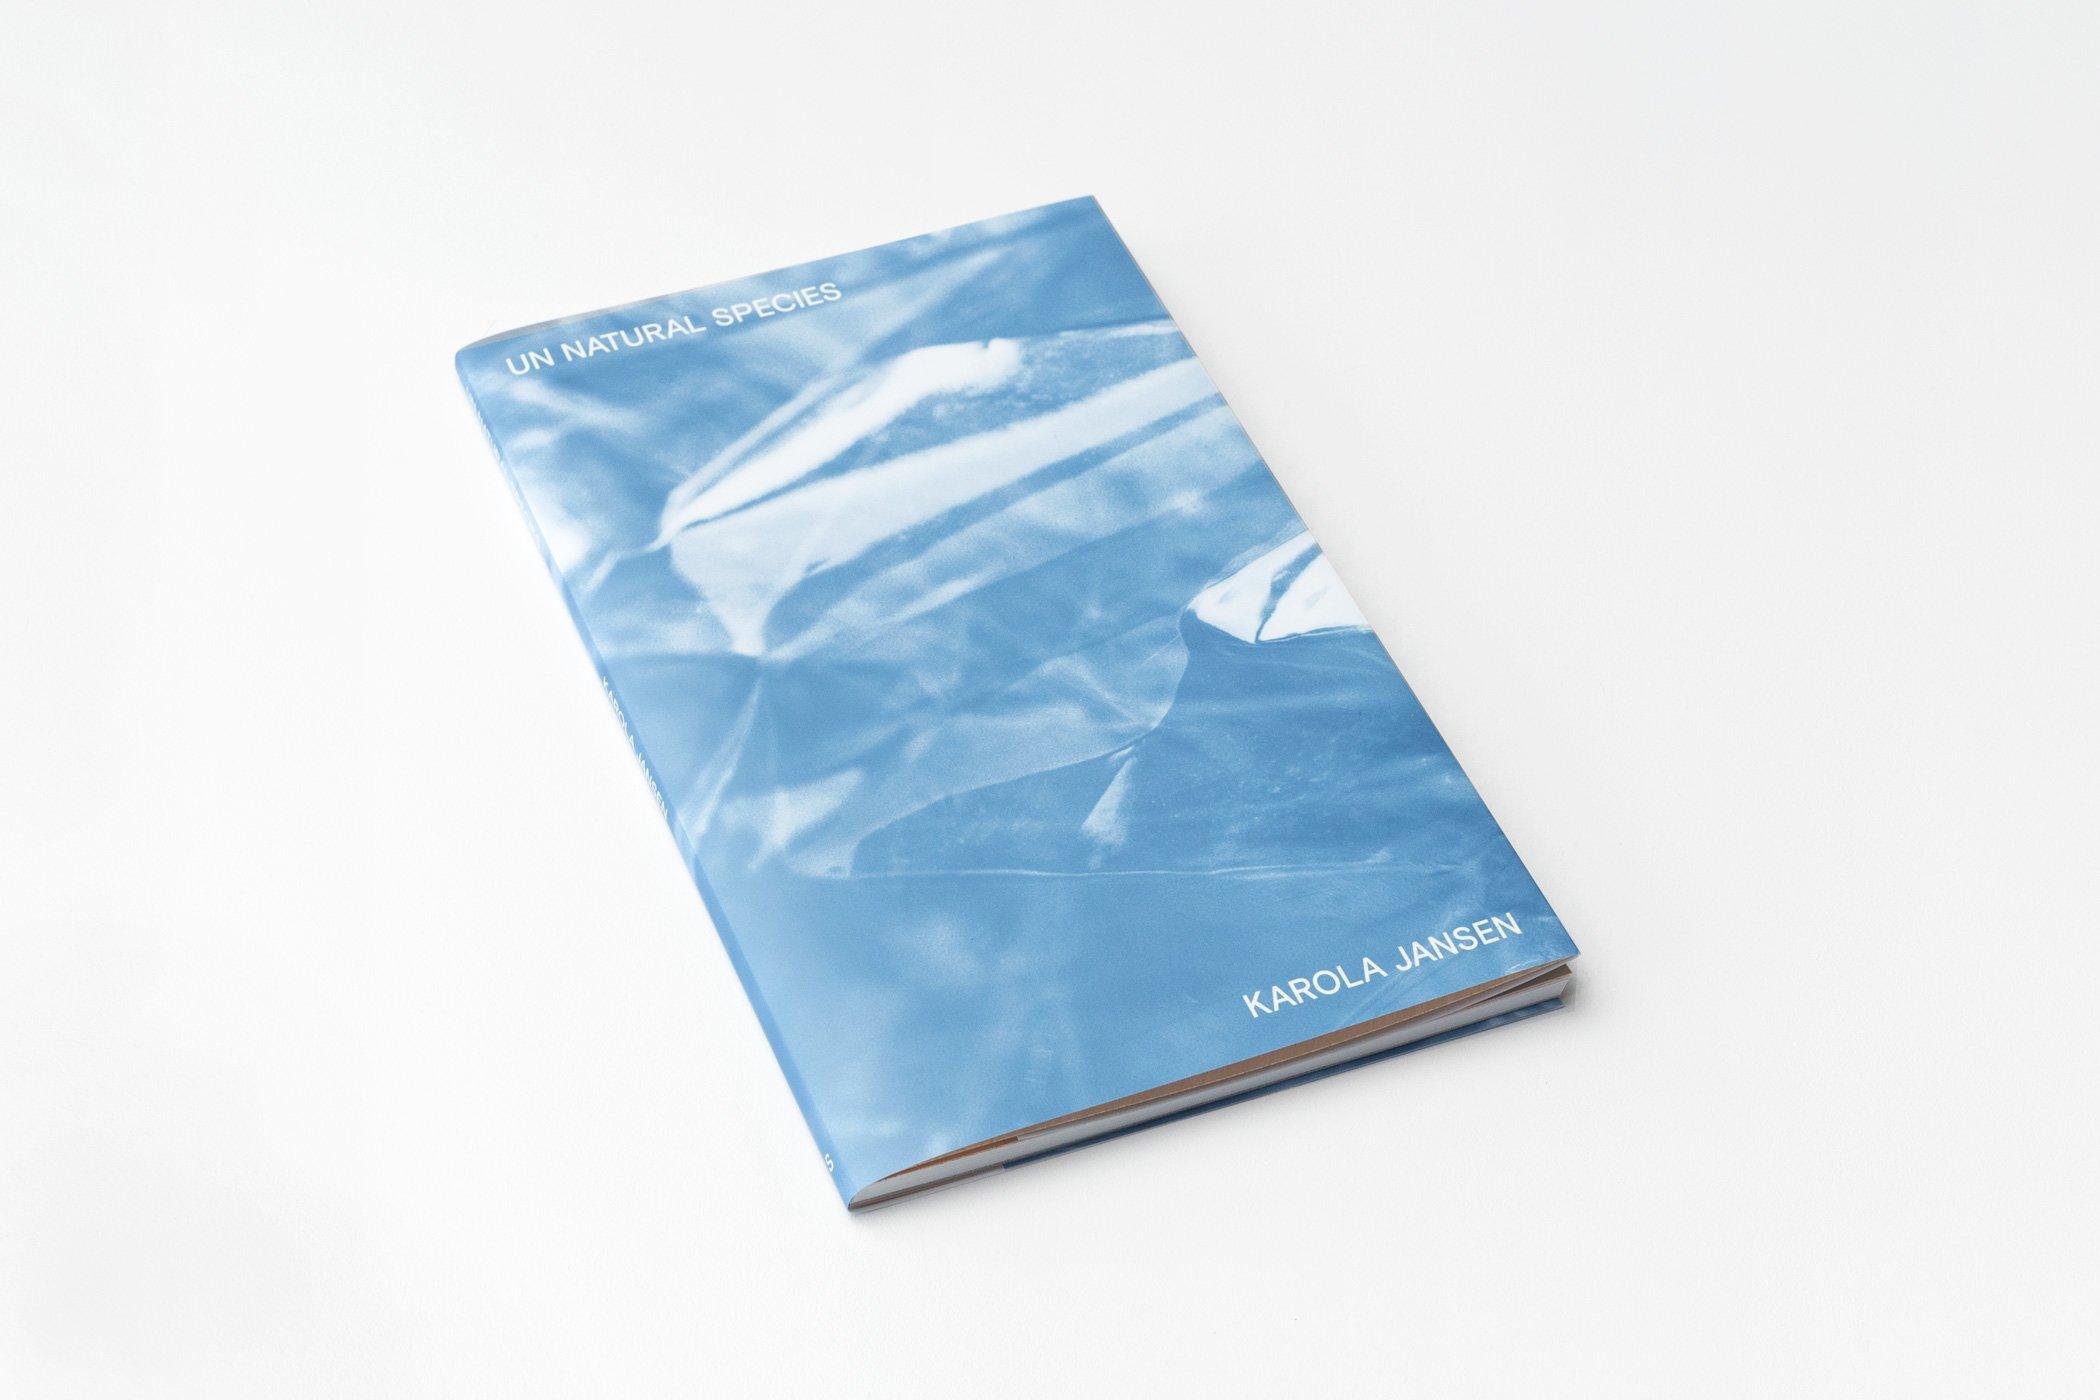 Omslag van het boek Karola Jansen: Un Natural Species. Studio Suze Swarte